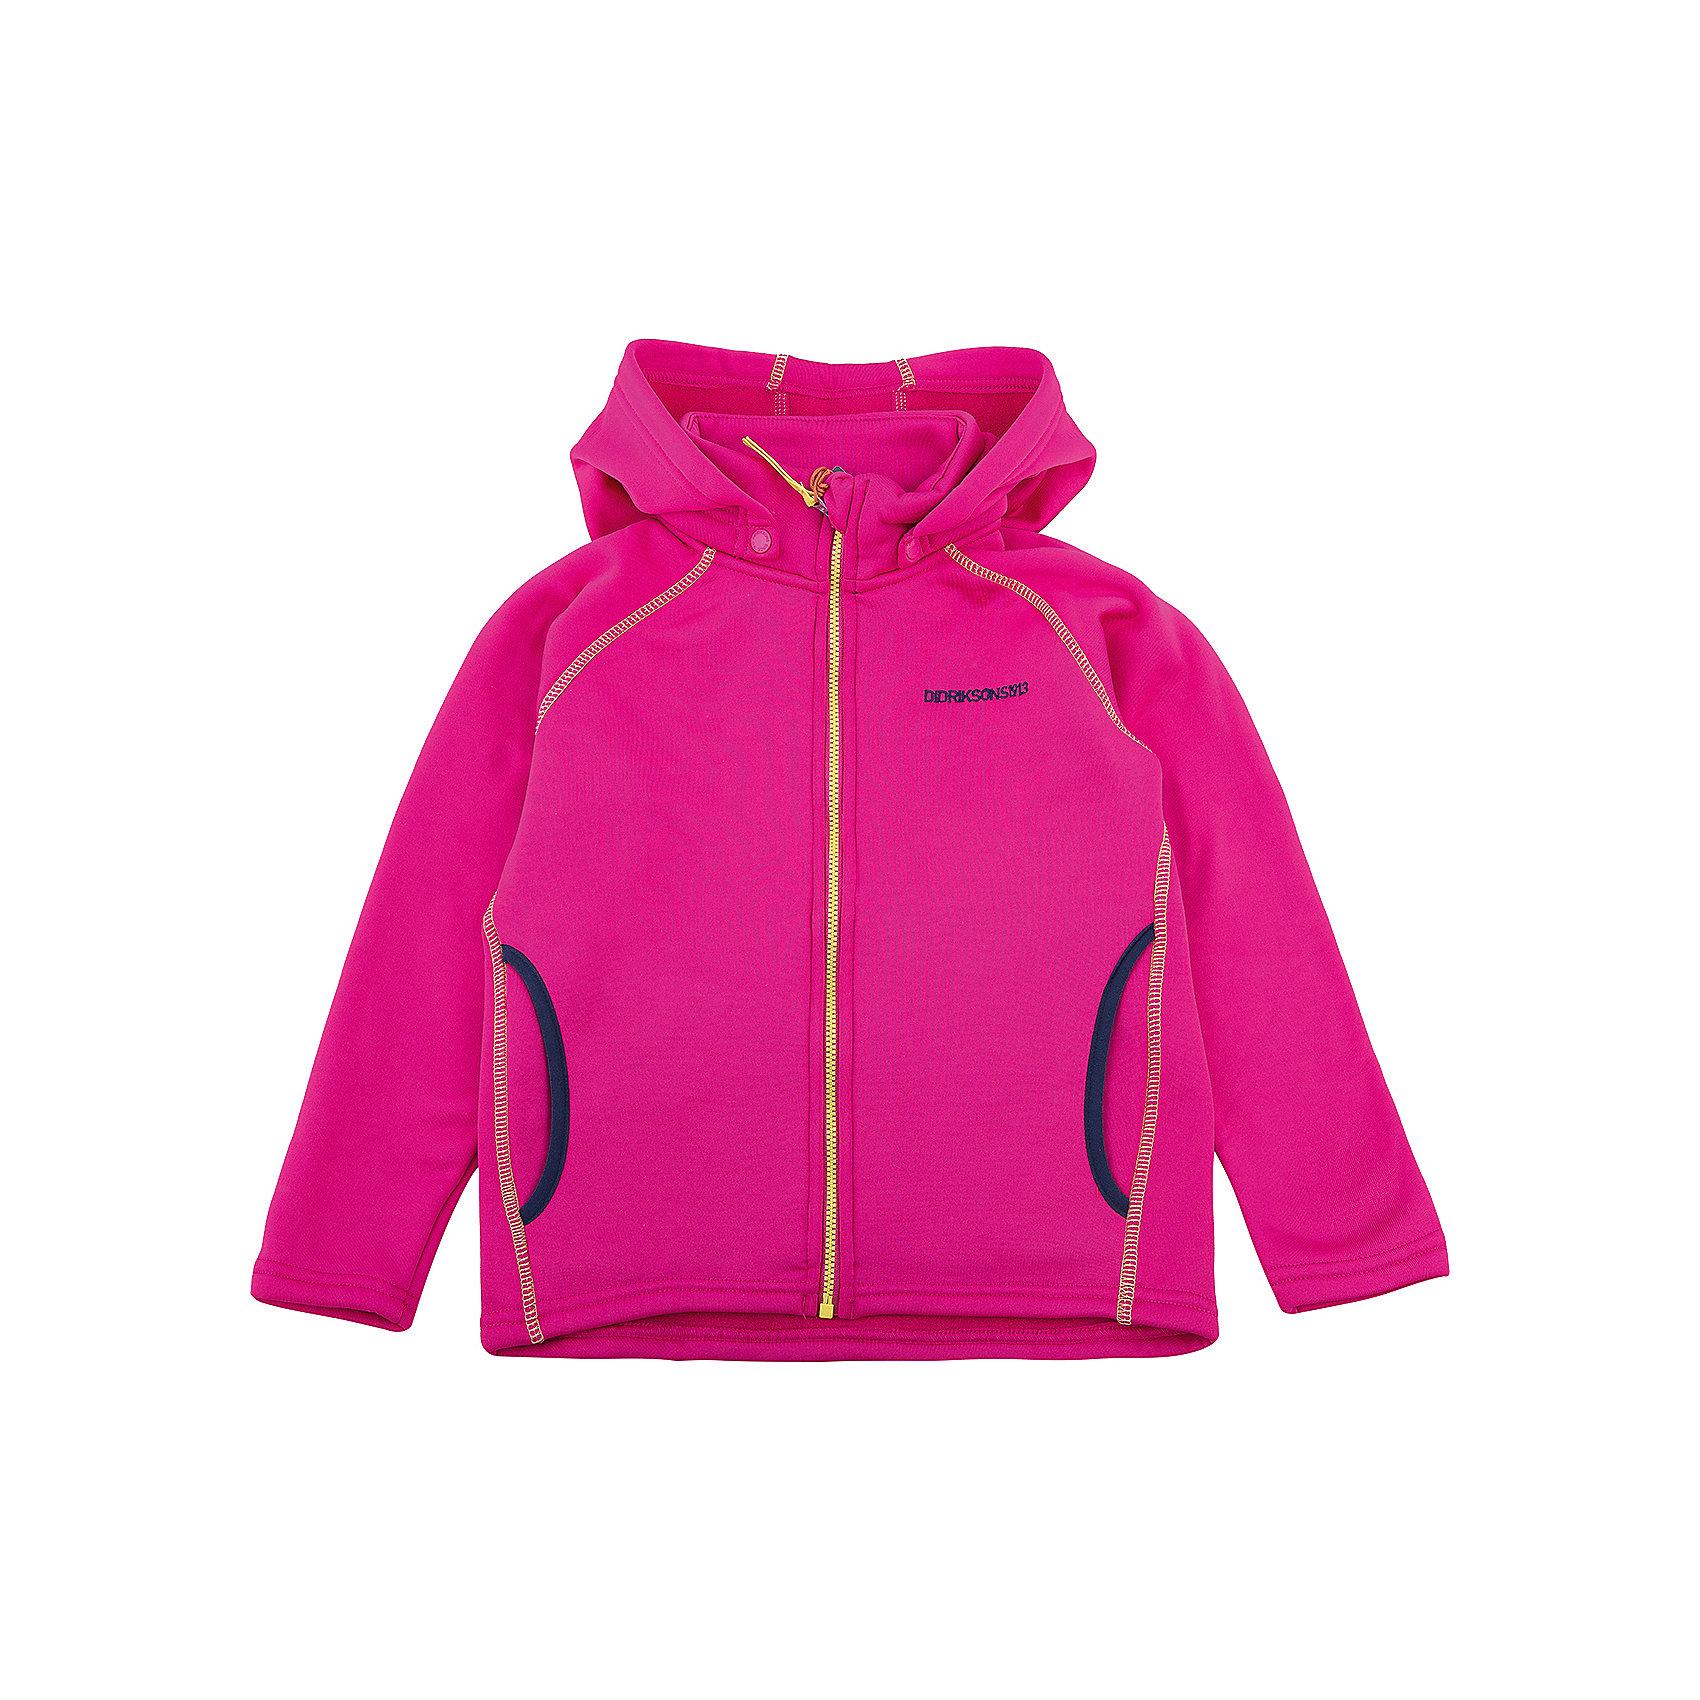 ТолстовкаBAWAL для девочки DIDRIKSONSТолстовки<br>Толстовка из гладкого флиса.  Мягкий и комфортный флис обладает хорошими теплоизоляционными свойствами, которые сохраняются даже во влажном состоянии. Этот материал прост в уходе (допускается стирка в машине). Съемный капюшон. Весной и летом эта модель будет работать как самостоятельная верхняя одежда, а в ненастную погоду ее можно использовать как утепляющий слой под водонепроницаемую верхнюю одежду.<br>Состав:<br>95% полиэстер, эластан 5%<br><br>Ширина мм: 356<br>Глубина мм: 10<br>Высота мм: 245<br>Вес г: 519<br>Цвет: розовый<br>Возраст от месяцев: 12<br>Возраст до месяцев: 18<br>Пол: Женский<br>Возраст: Детский<br>Размер: 80,100,120,110,90,140,130<br>SKU: 5576735